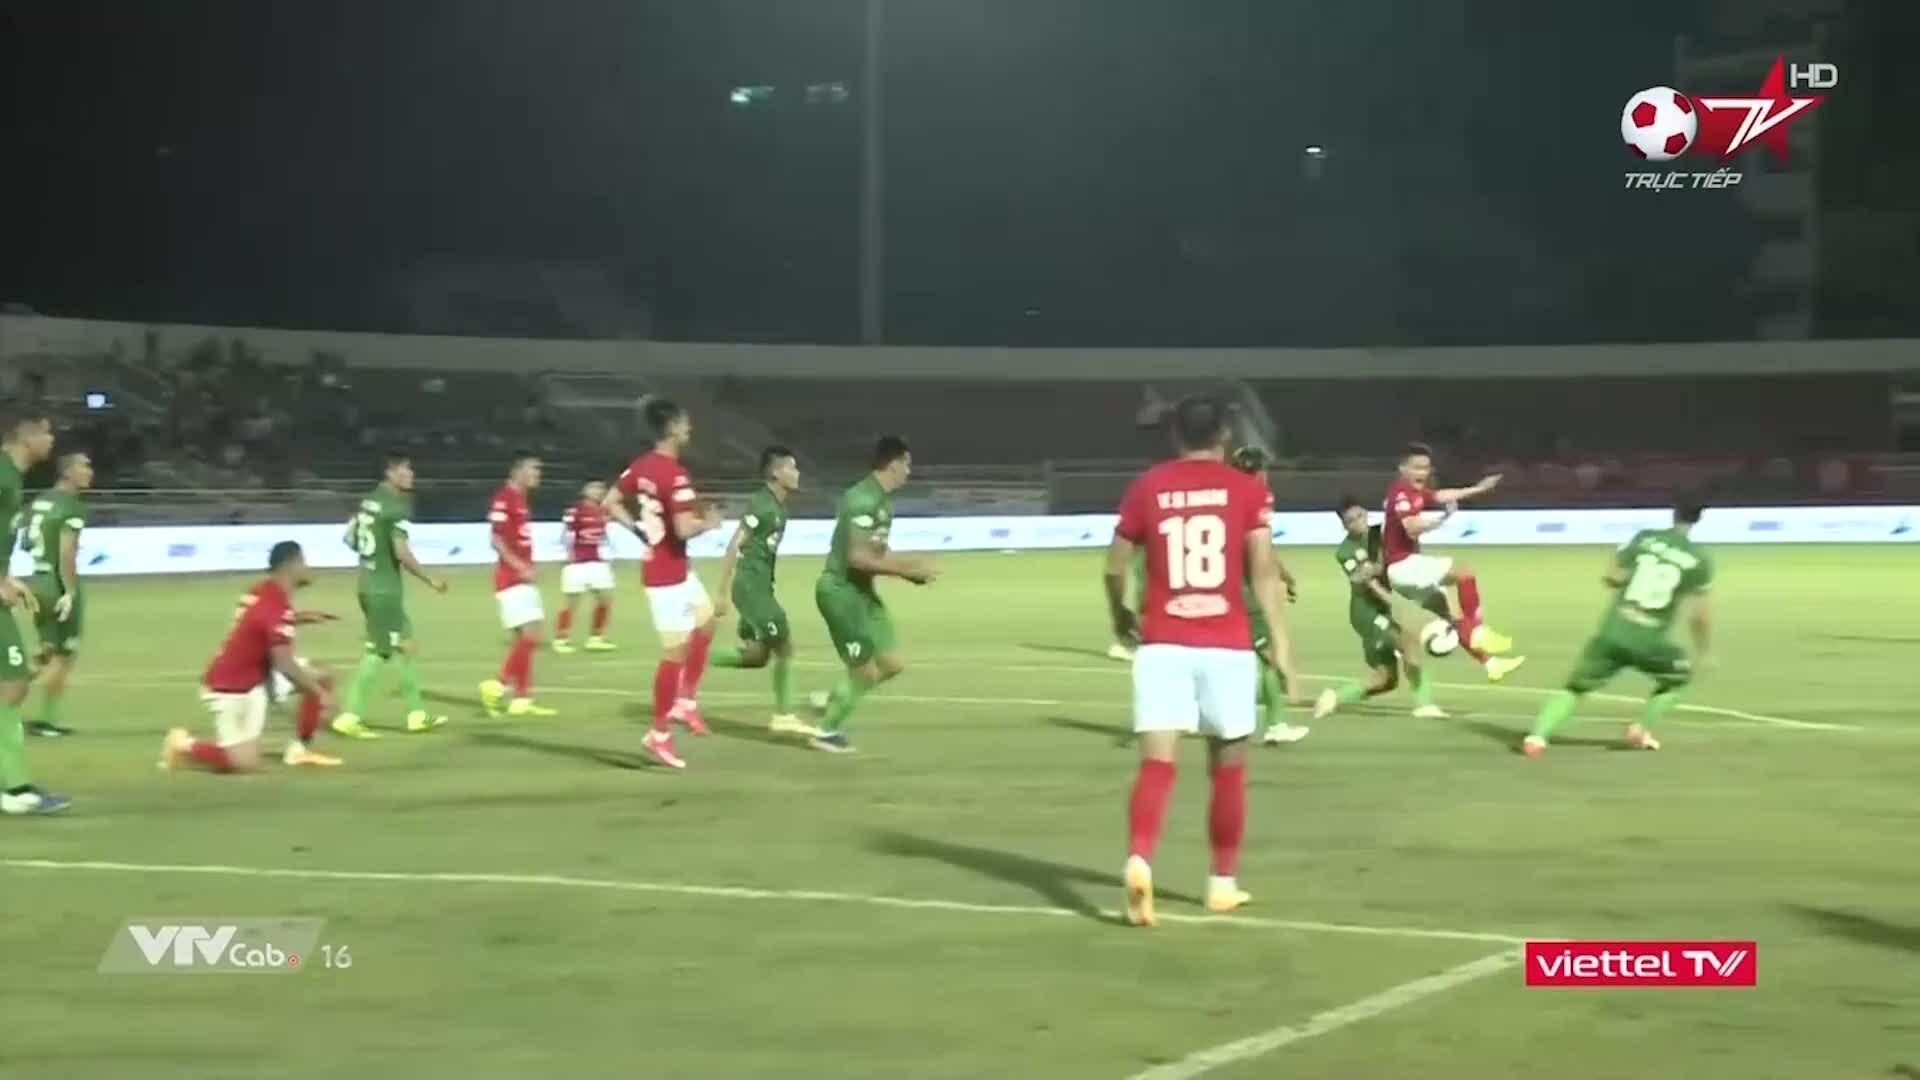 1-0 untuk HCMC